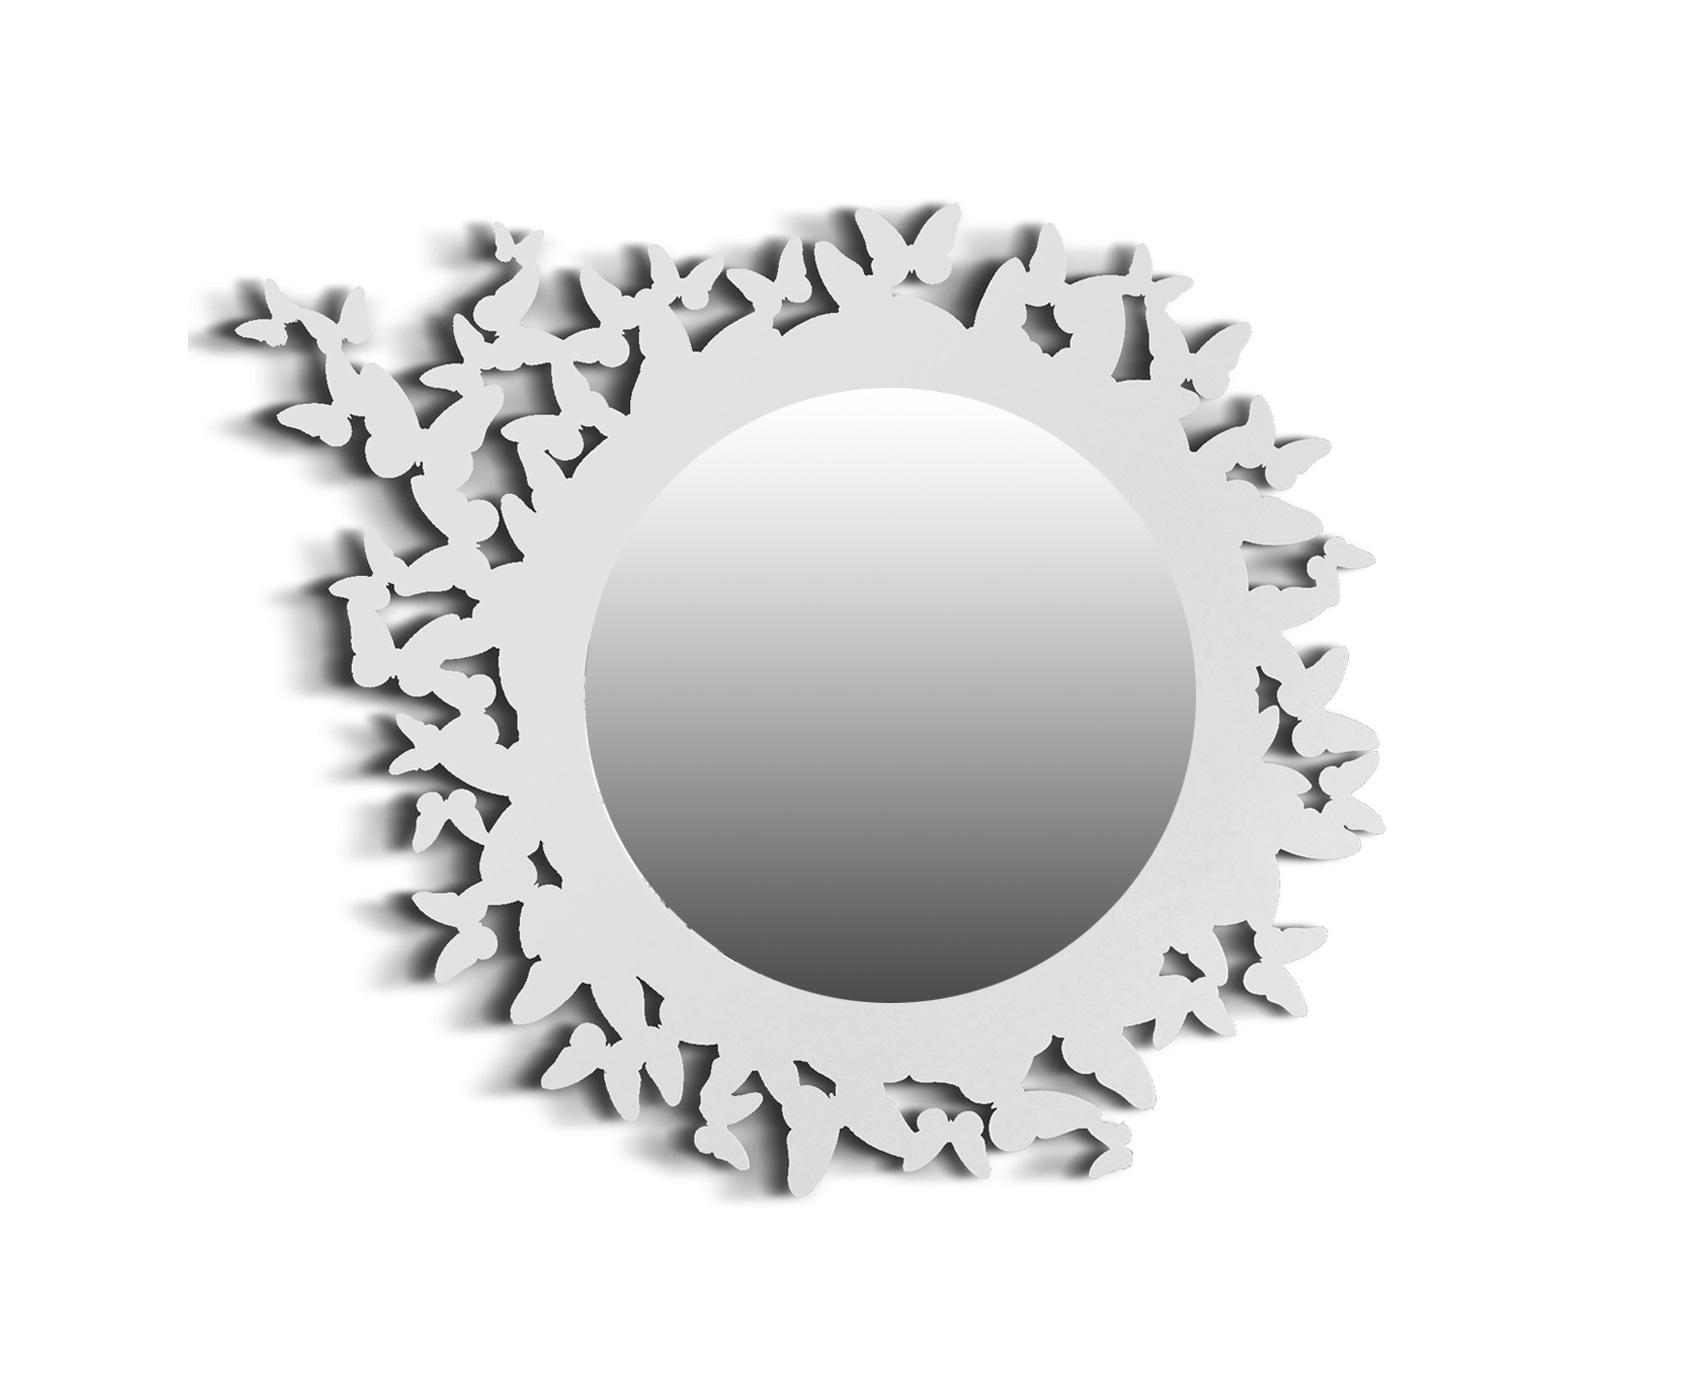 Зеркало BUTTERFLYНастенные зеркала<br>Настенное зеркало BUTTERFLY WHITE станет стильным украшением <br>современного интерьера, придавая ему неповторимую изысканность и <br>очарование лета. Порхающие бабочки, выполняющие функцию декоративного <br>оформления, добавят ощущение легкости и летнего настроения в уютную <br>обстановку Вашего дома.<br>Декоративное зеркало BUTTERFLY в металлической раме с креплением доступно в черном и белом цветах.<br><br>Material: Сталь<br>Ширина см: 69<br>Высота см: 55